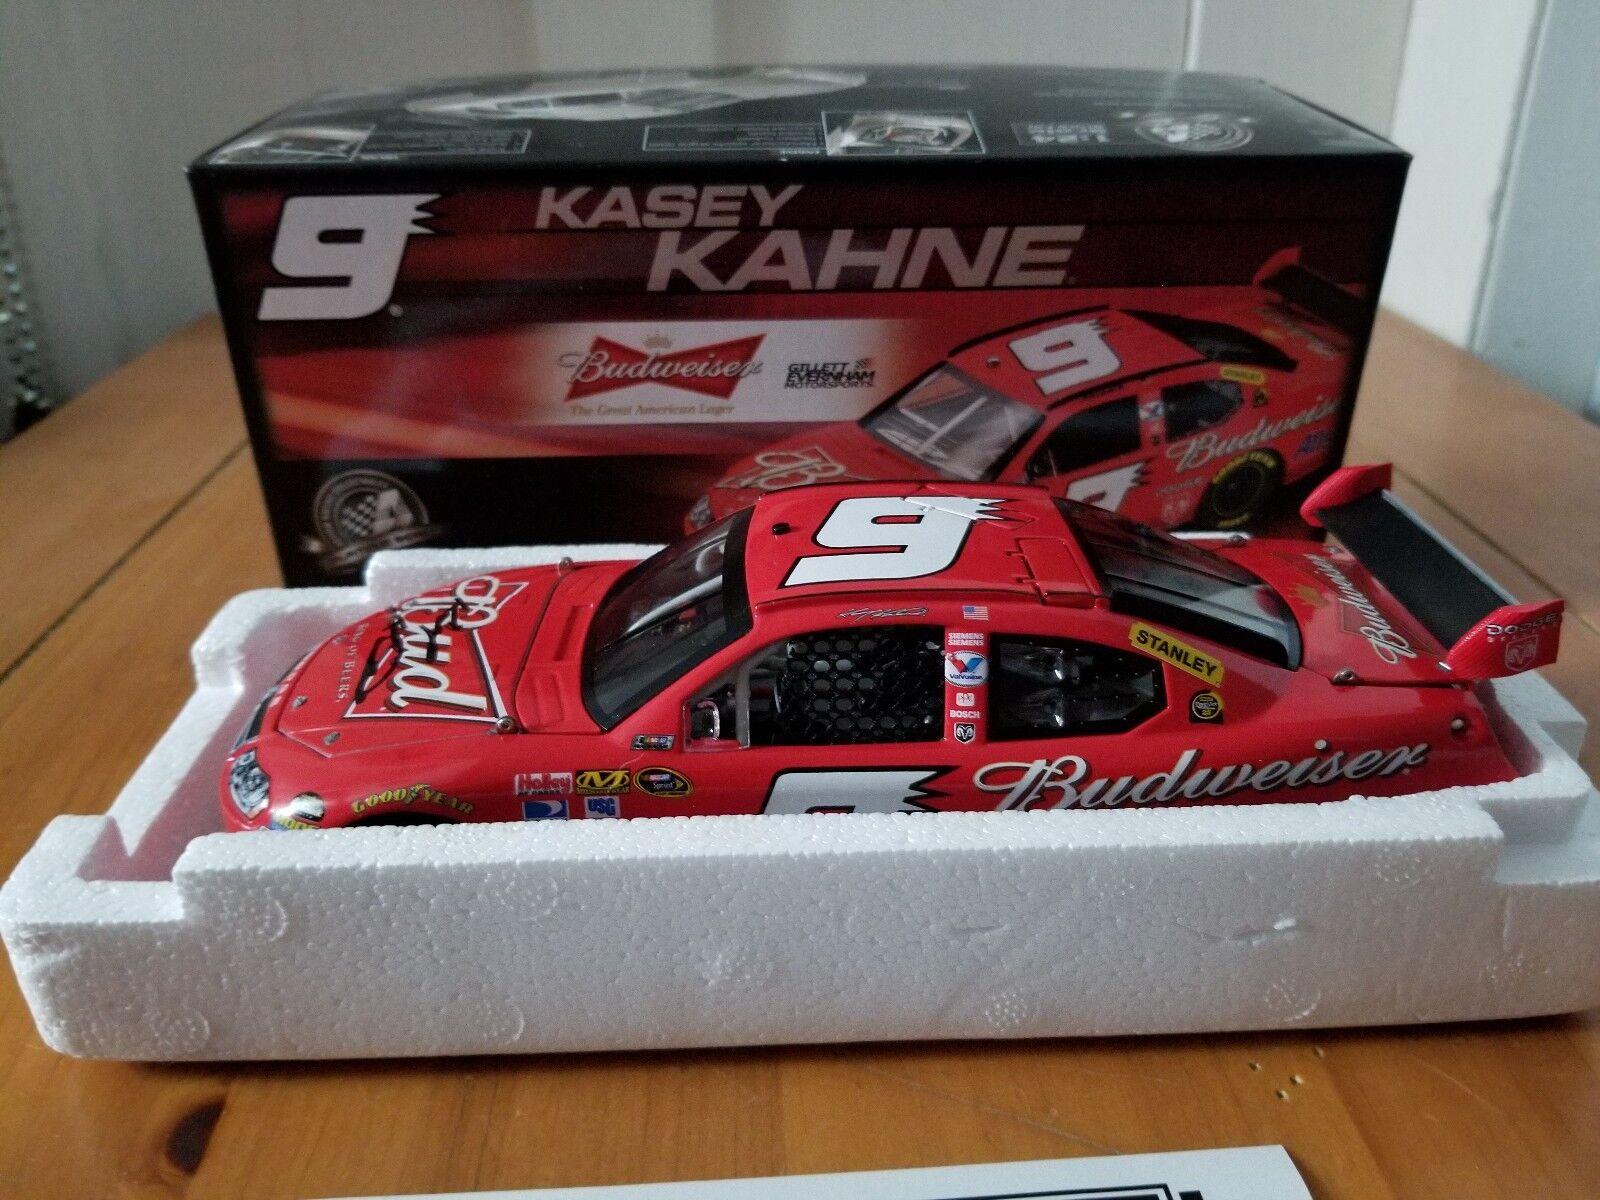 2008 Kasey Kahne  9 Budweiser Dodge Autographed 1 24 with Kahne Store COA Bud